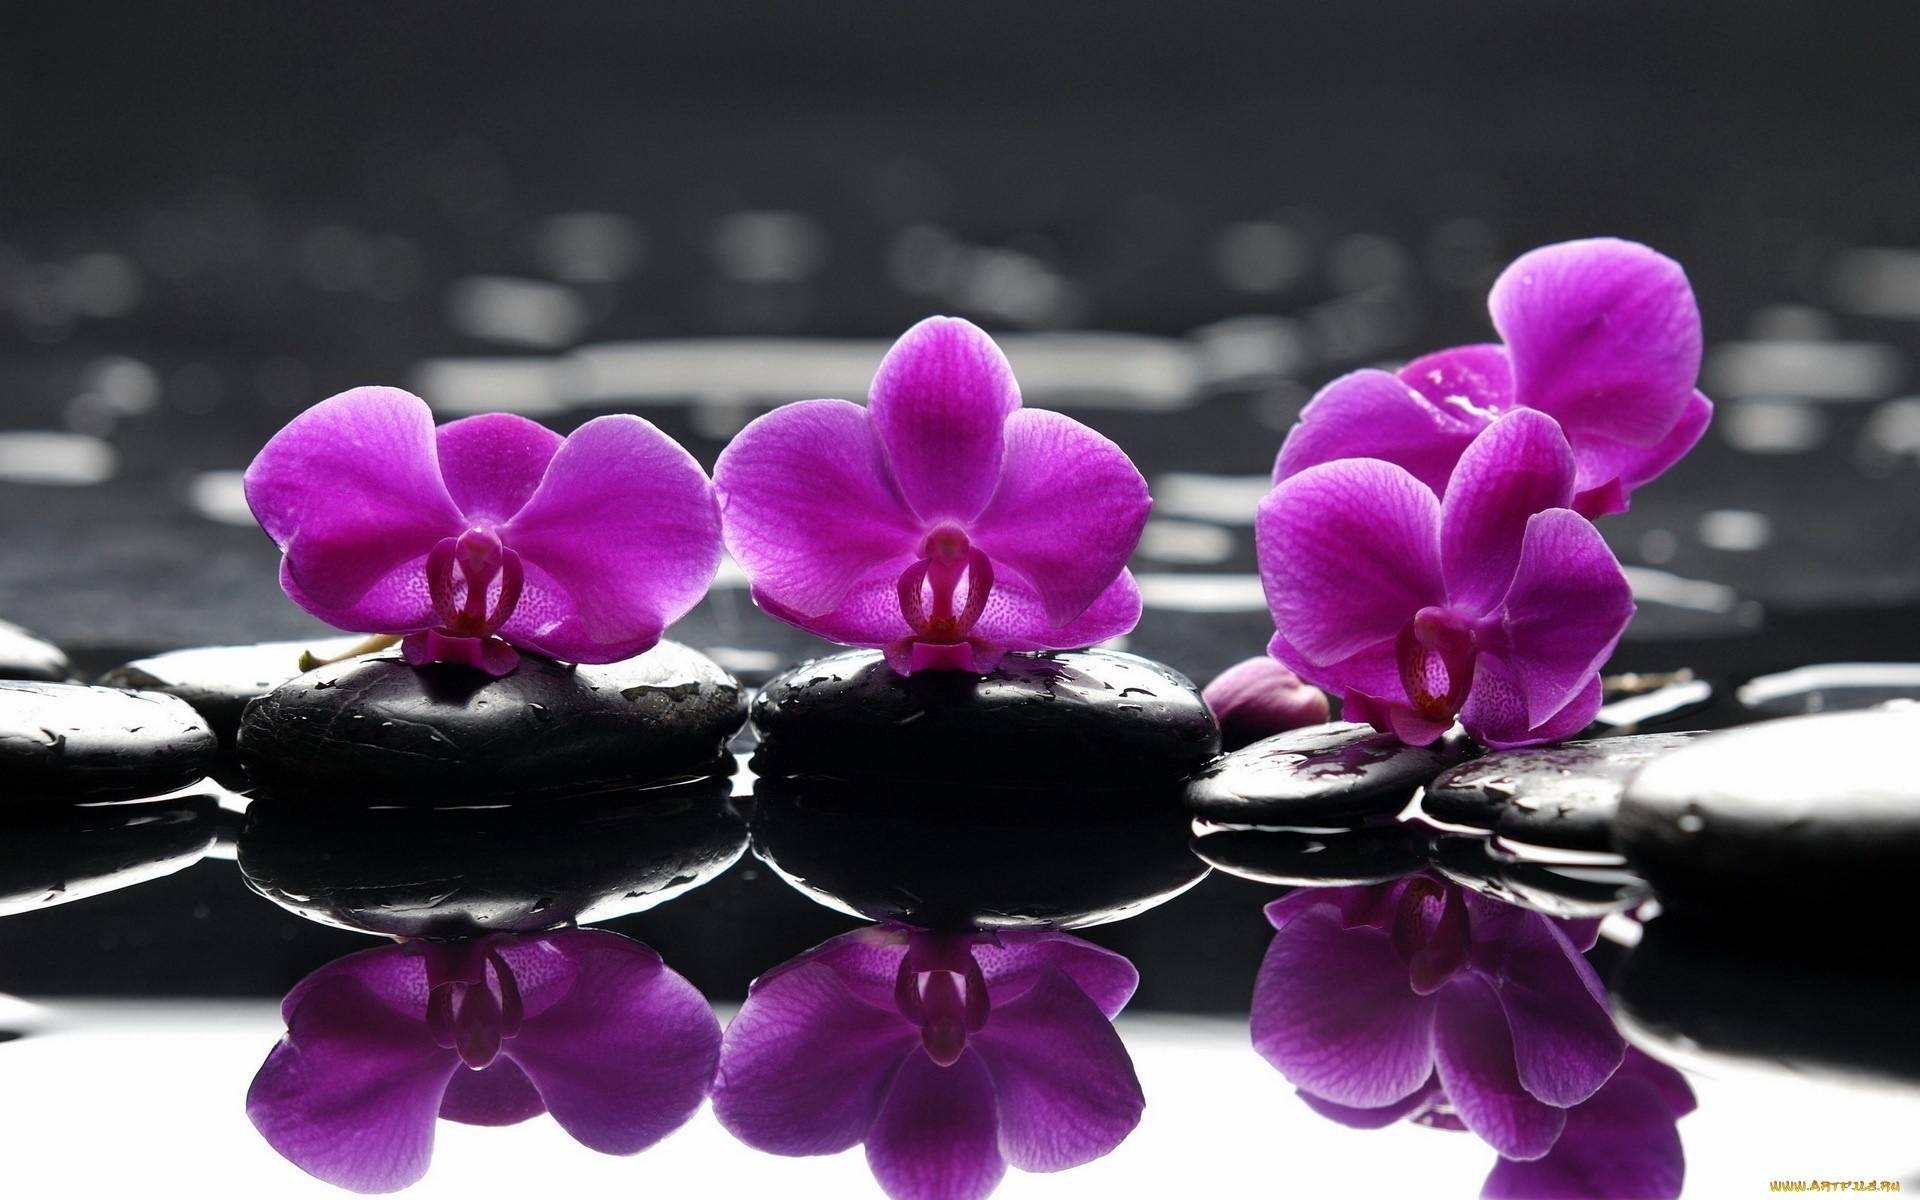 Обои На Рабочий Стол Орхидеи Красивые Большие